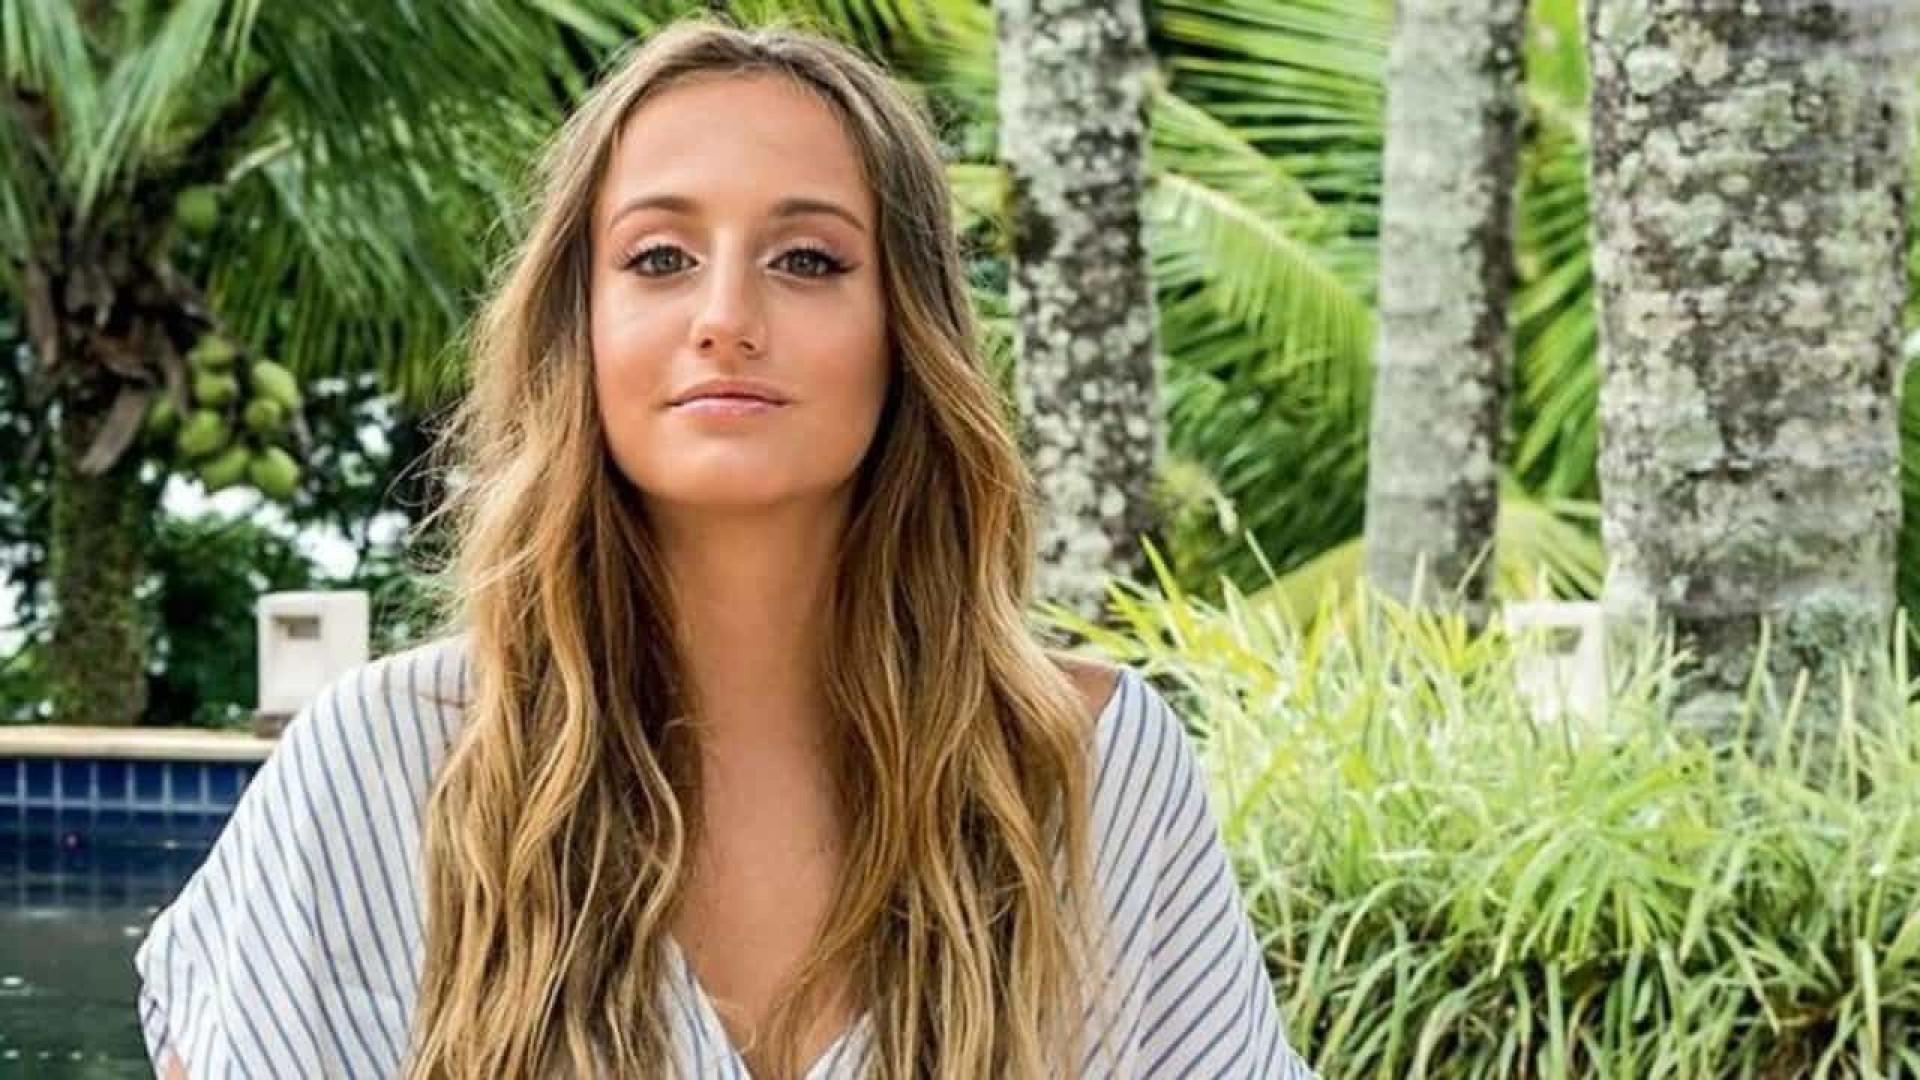 Bruna Griphao nega affair com Gabigol: 'Chata essa especulação'